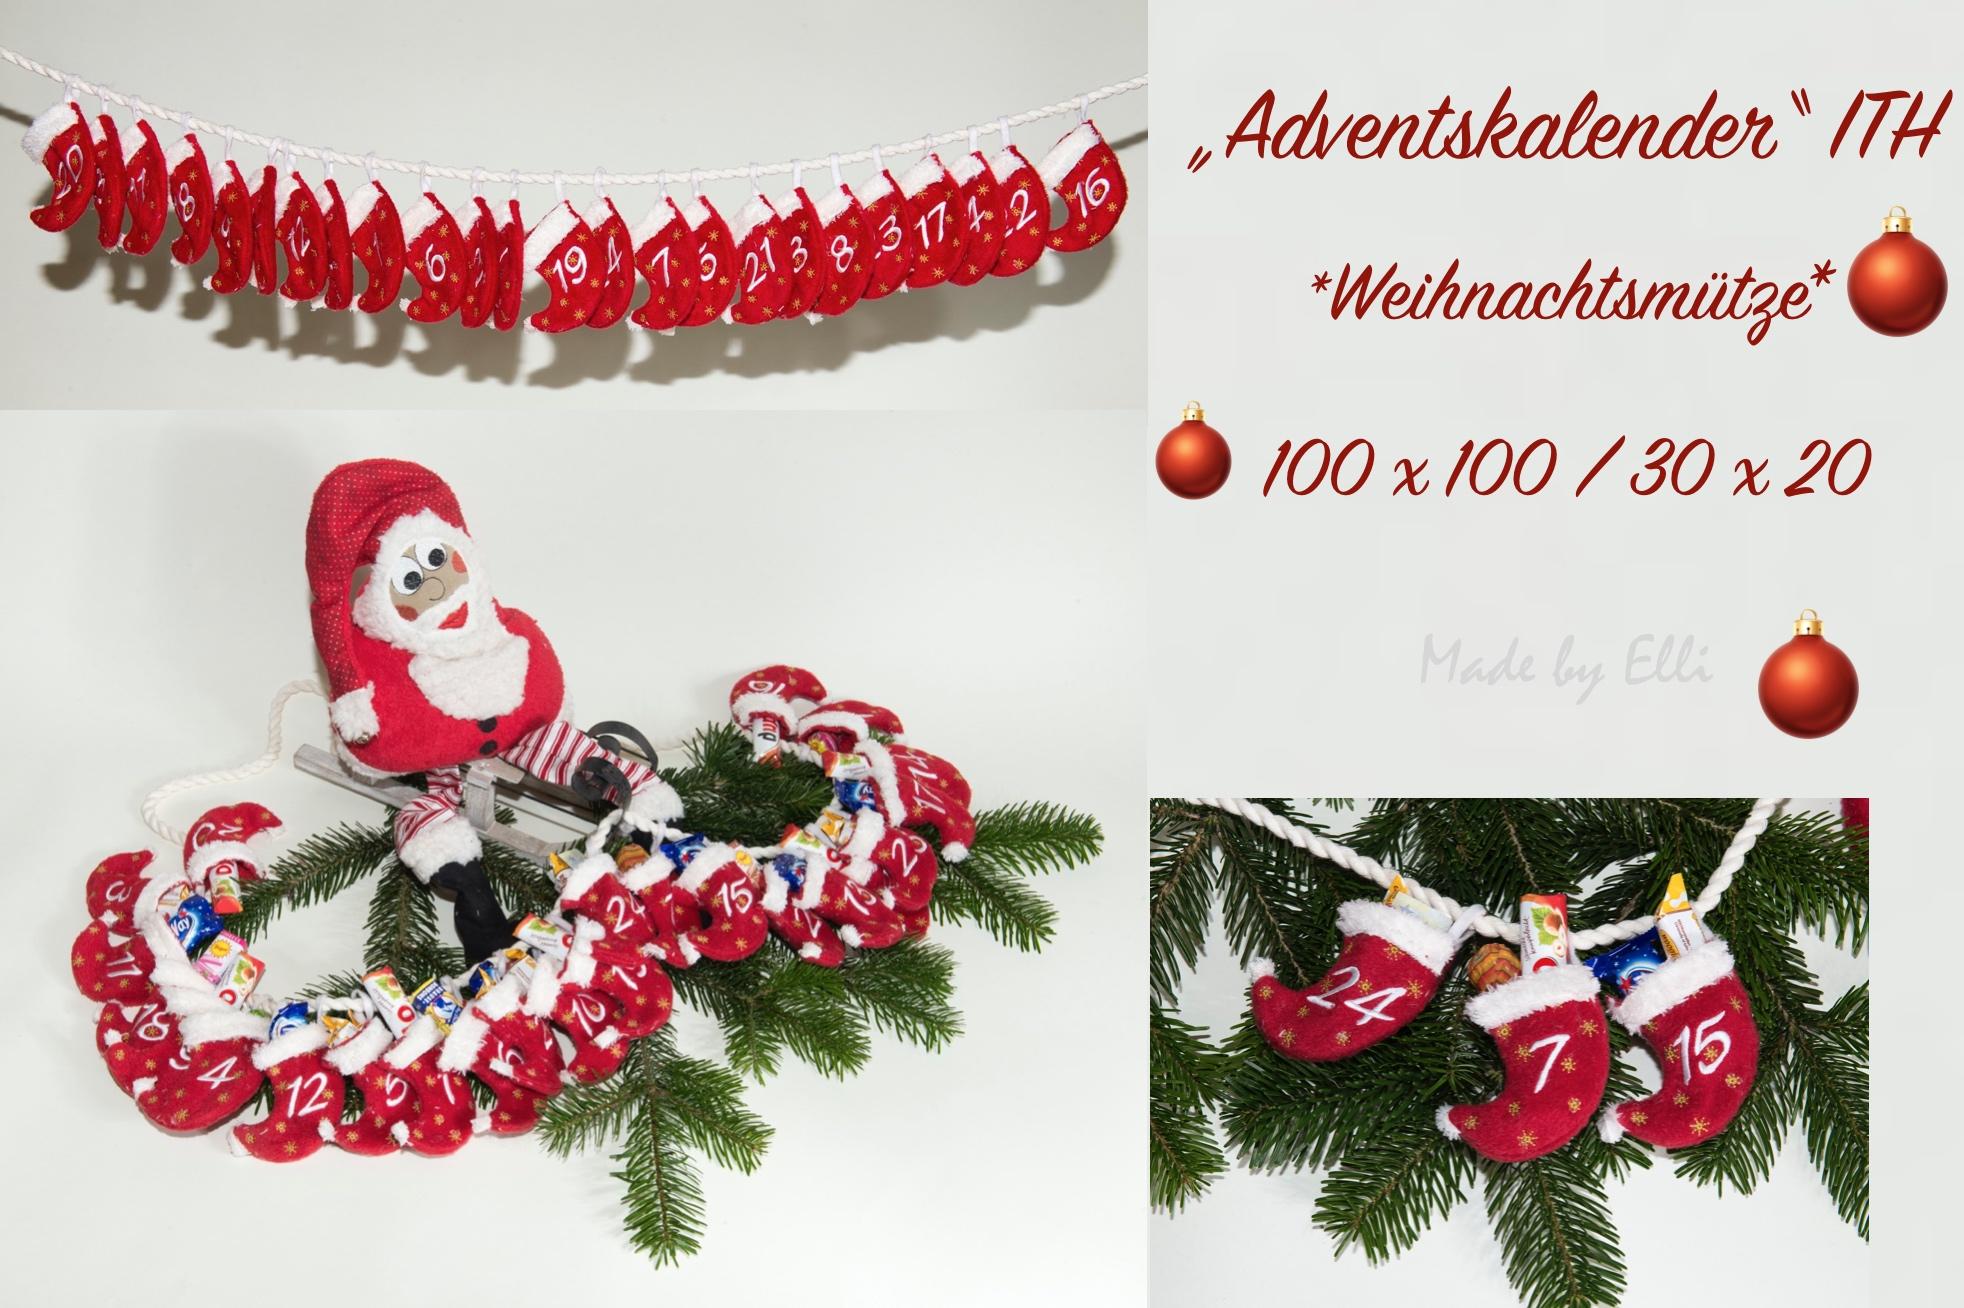 Adventskalender Weihnachtsmuetze ITH